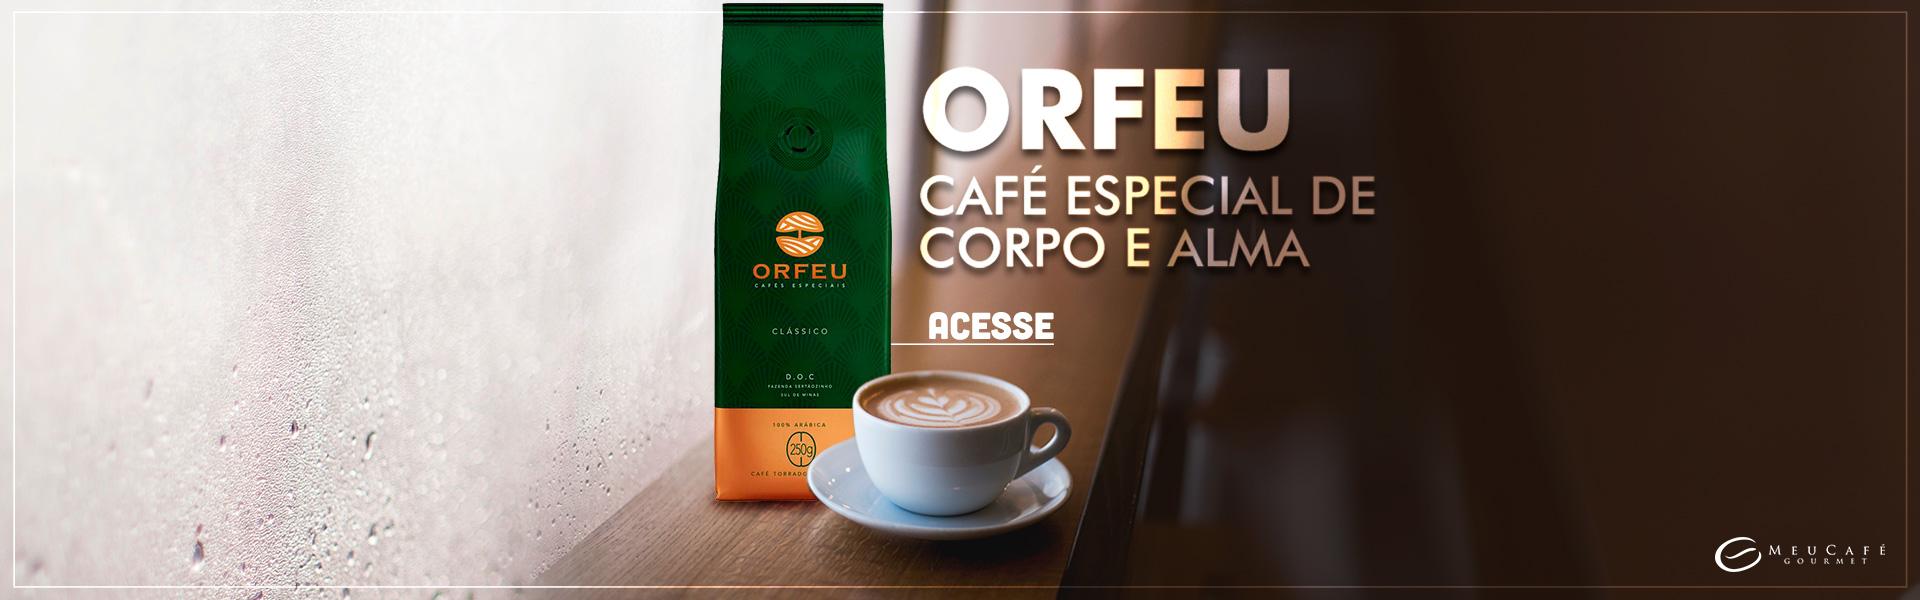 café orfeu